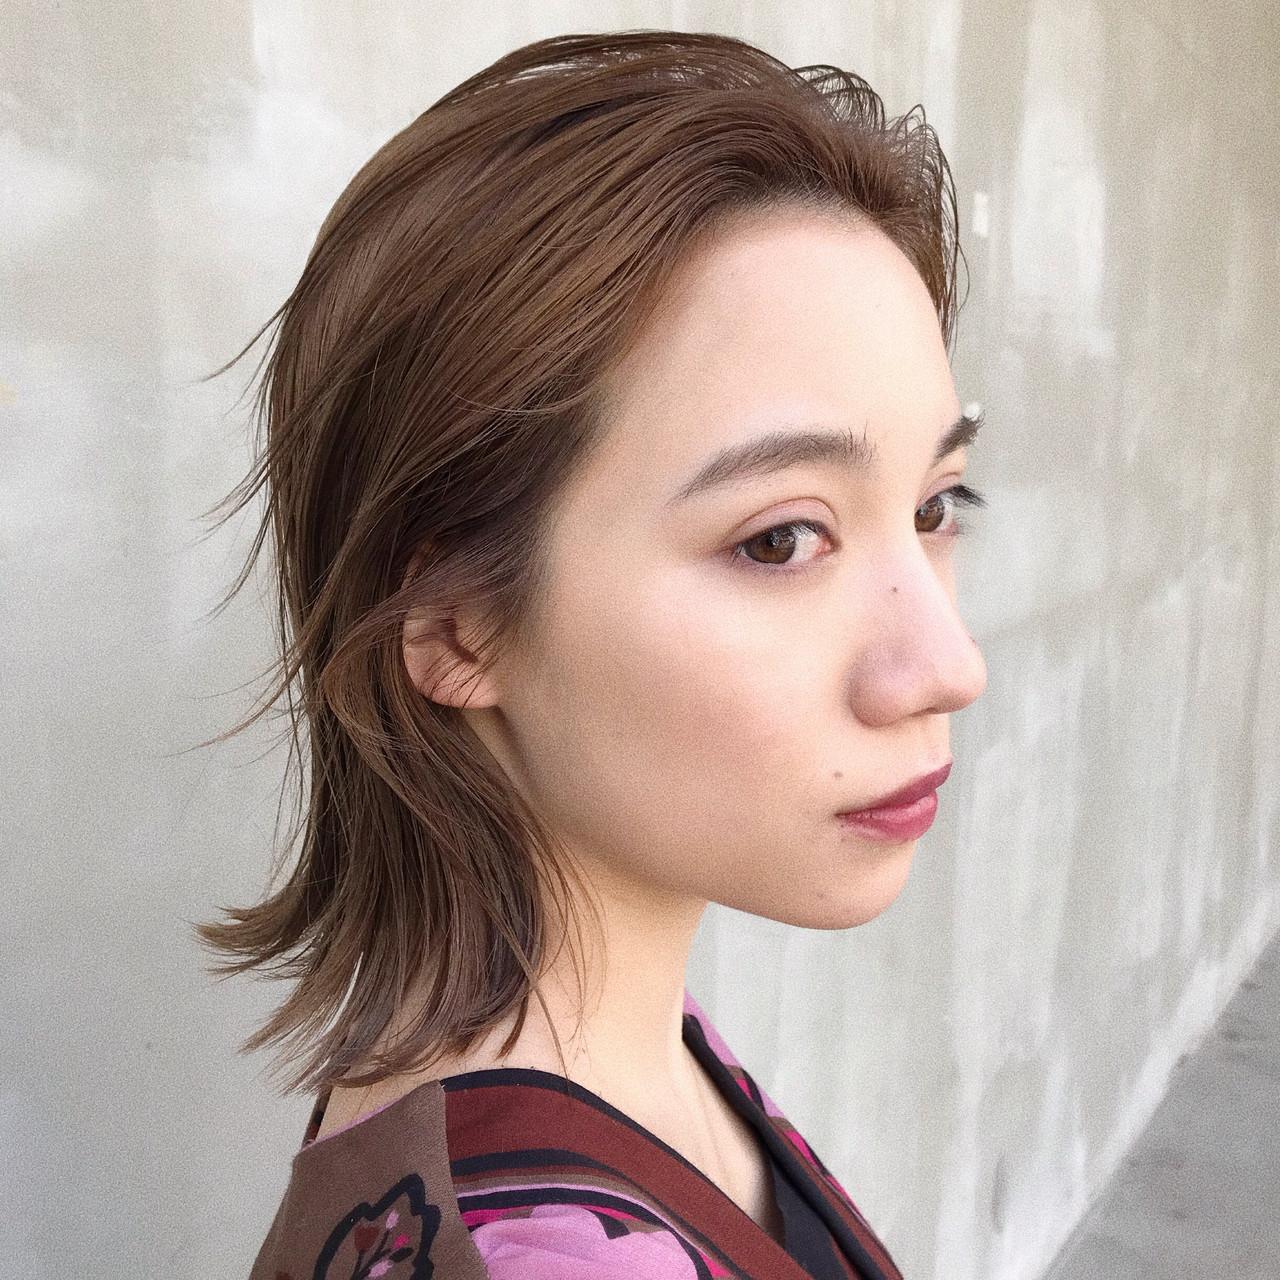 デート ハイライト ロブ 大人かわいい ヘアスタイルや髪型の写真・画像